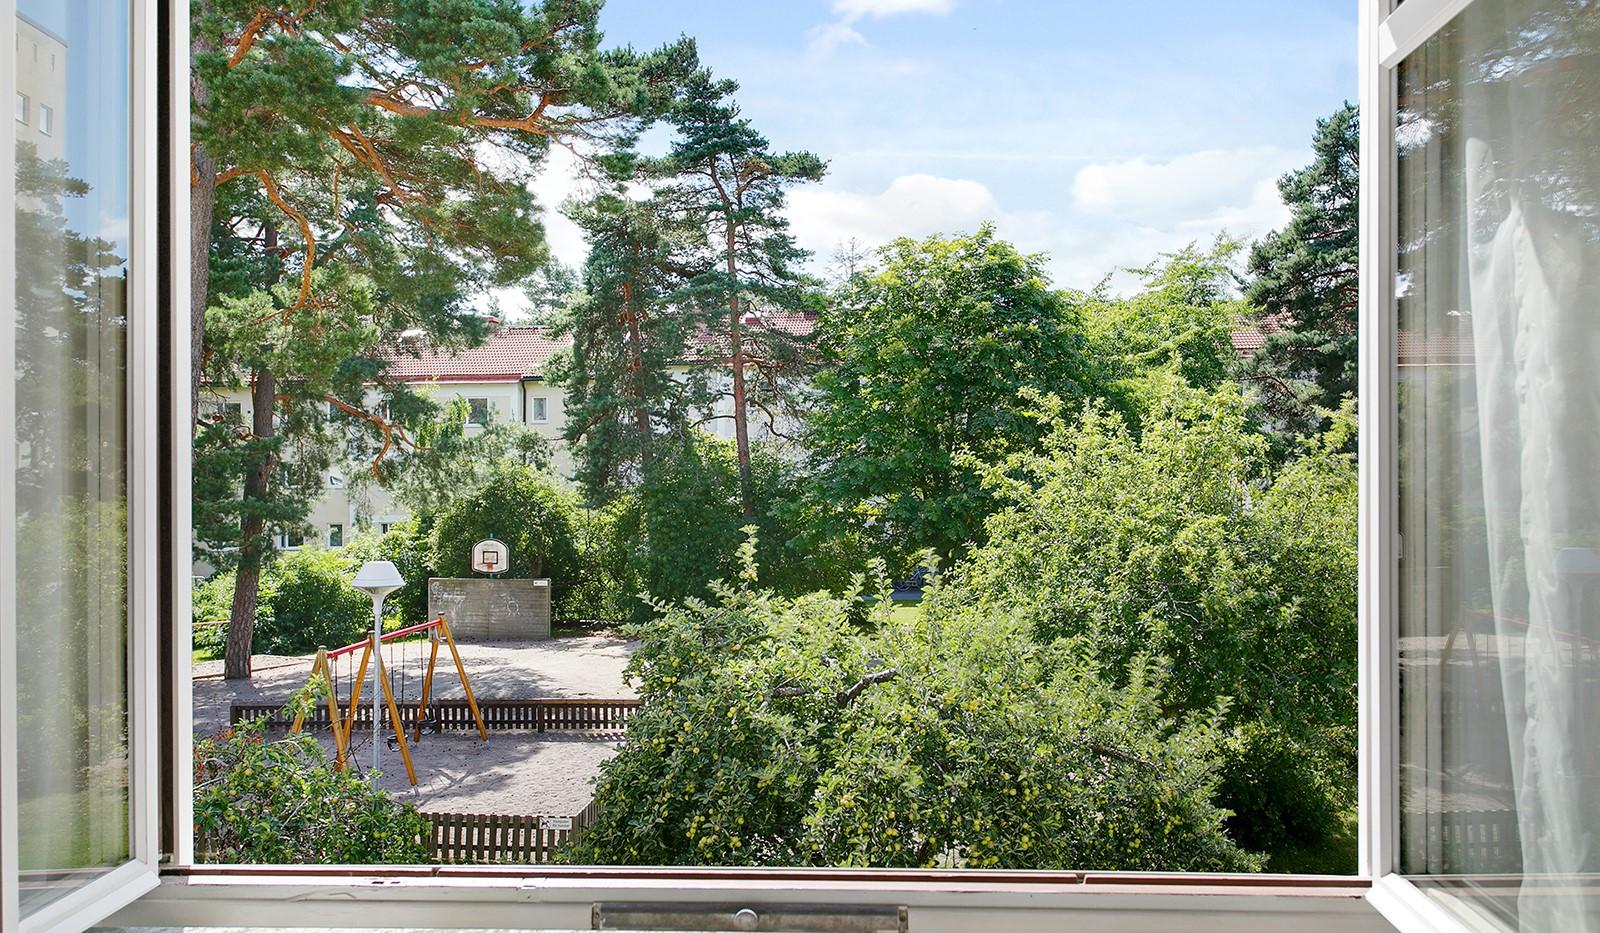 Kolbäcksgränd 28, 2 tr - Vacker utsikt över grönskande gård